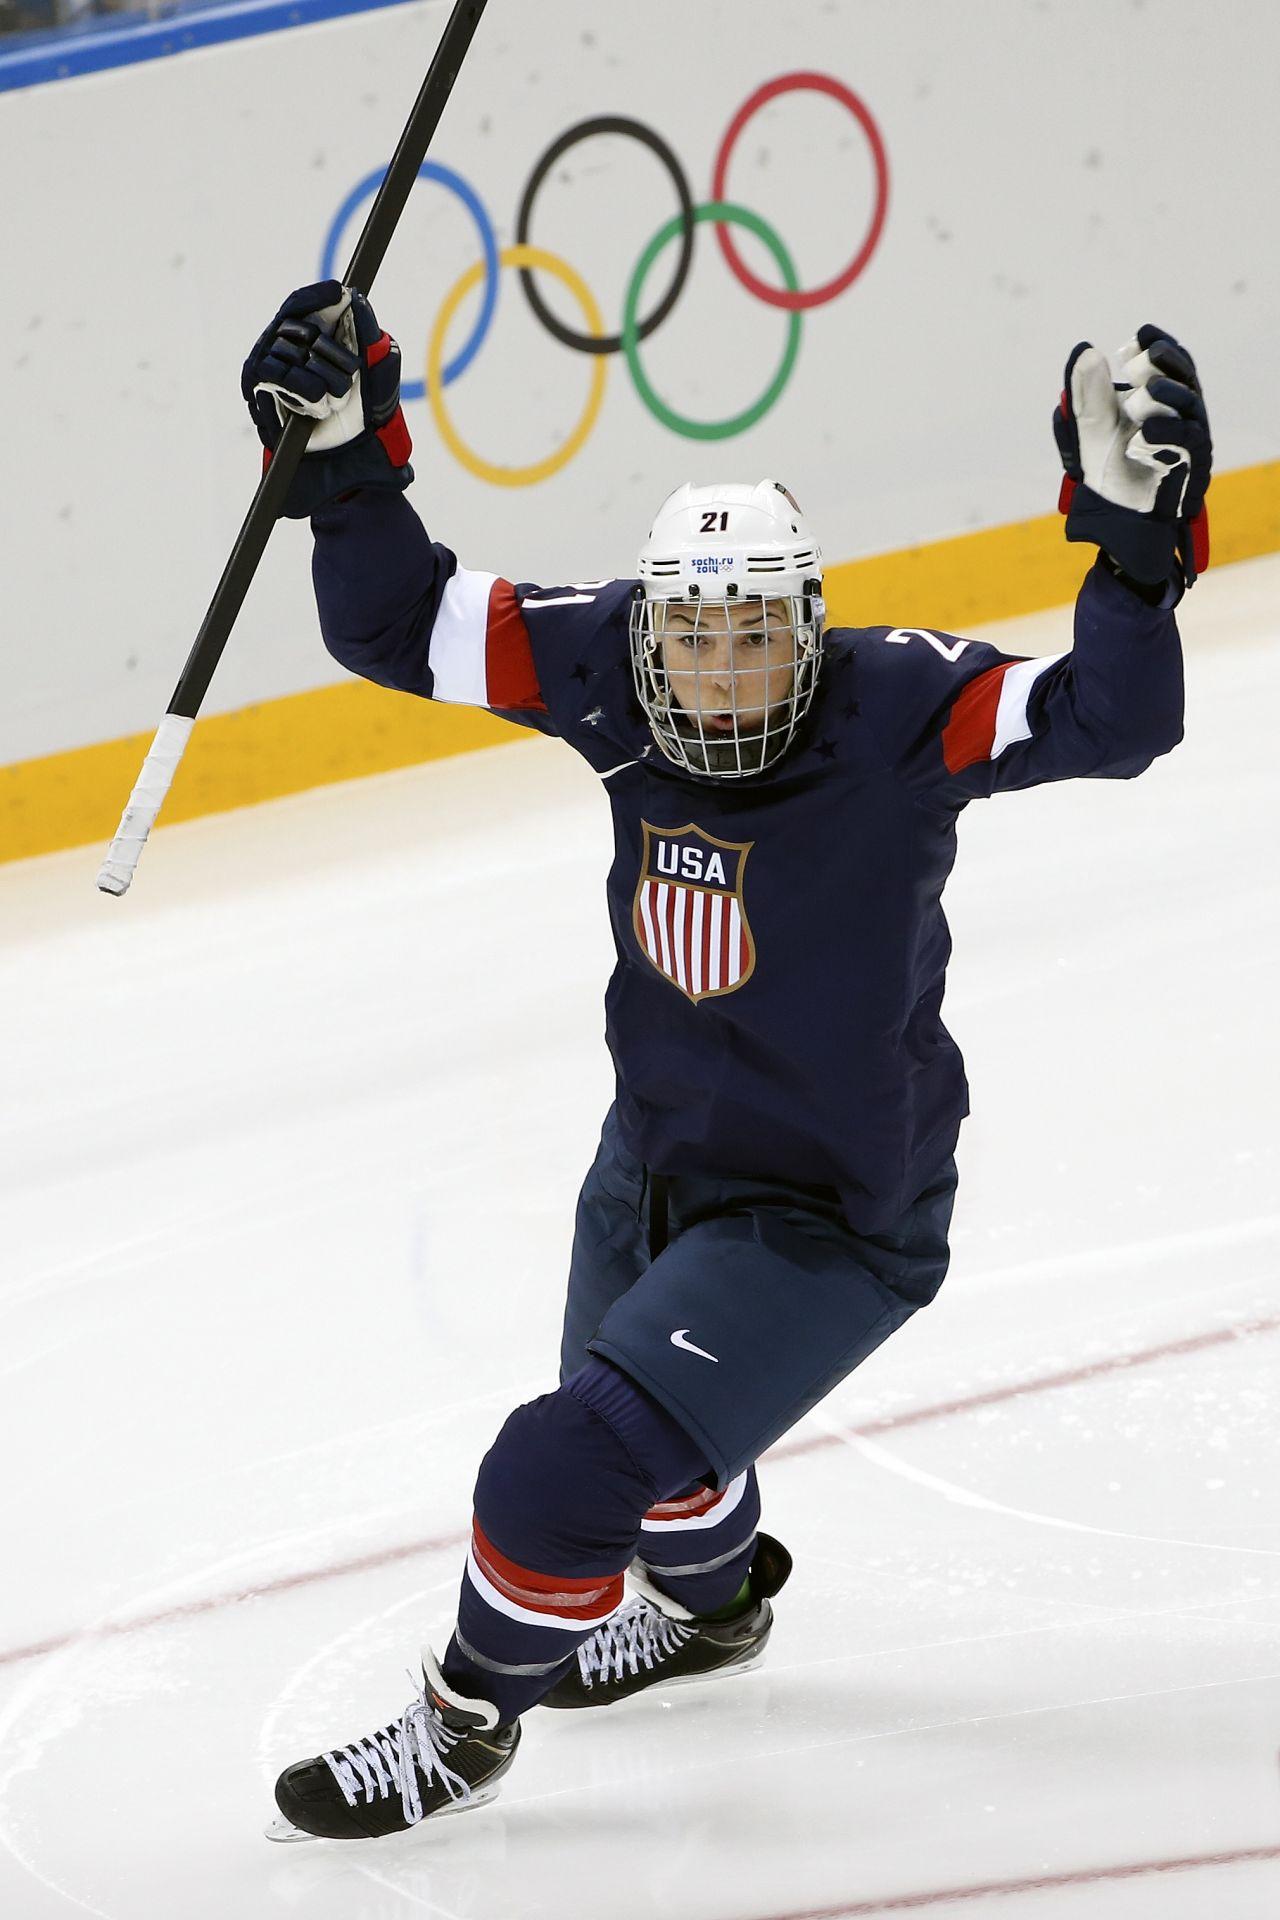 Hilary Knight - 2014 Sochi Winter Olympics, U.S. Hockey Team Hilary Knight